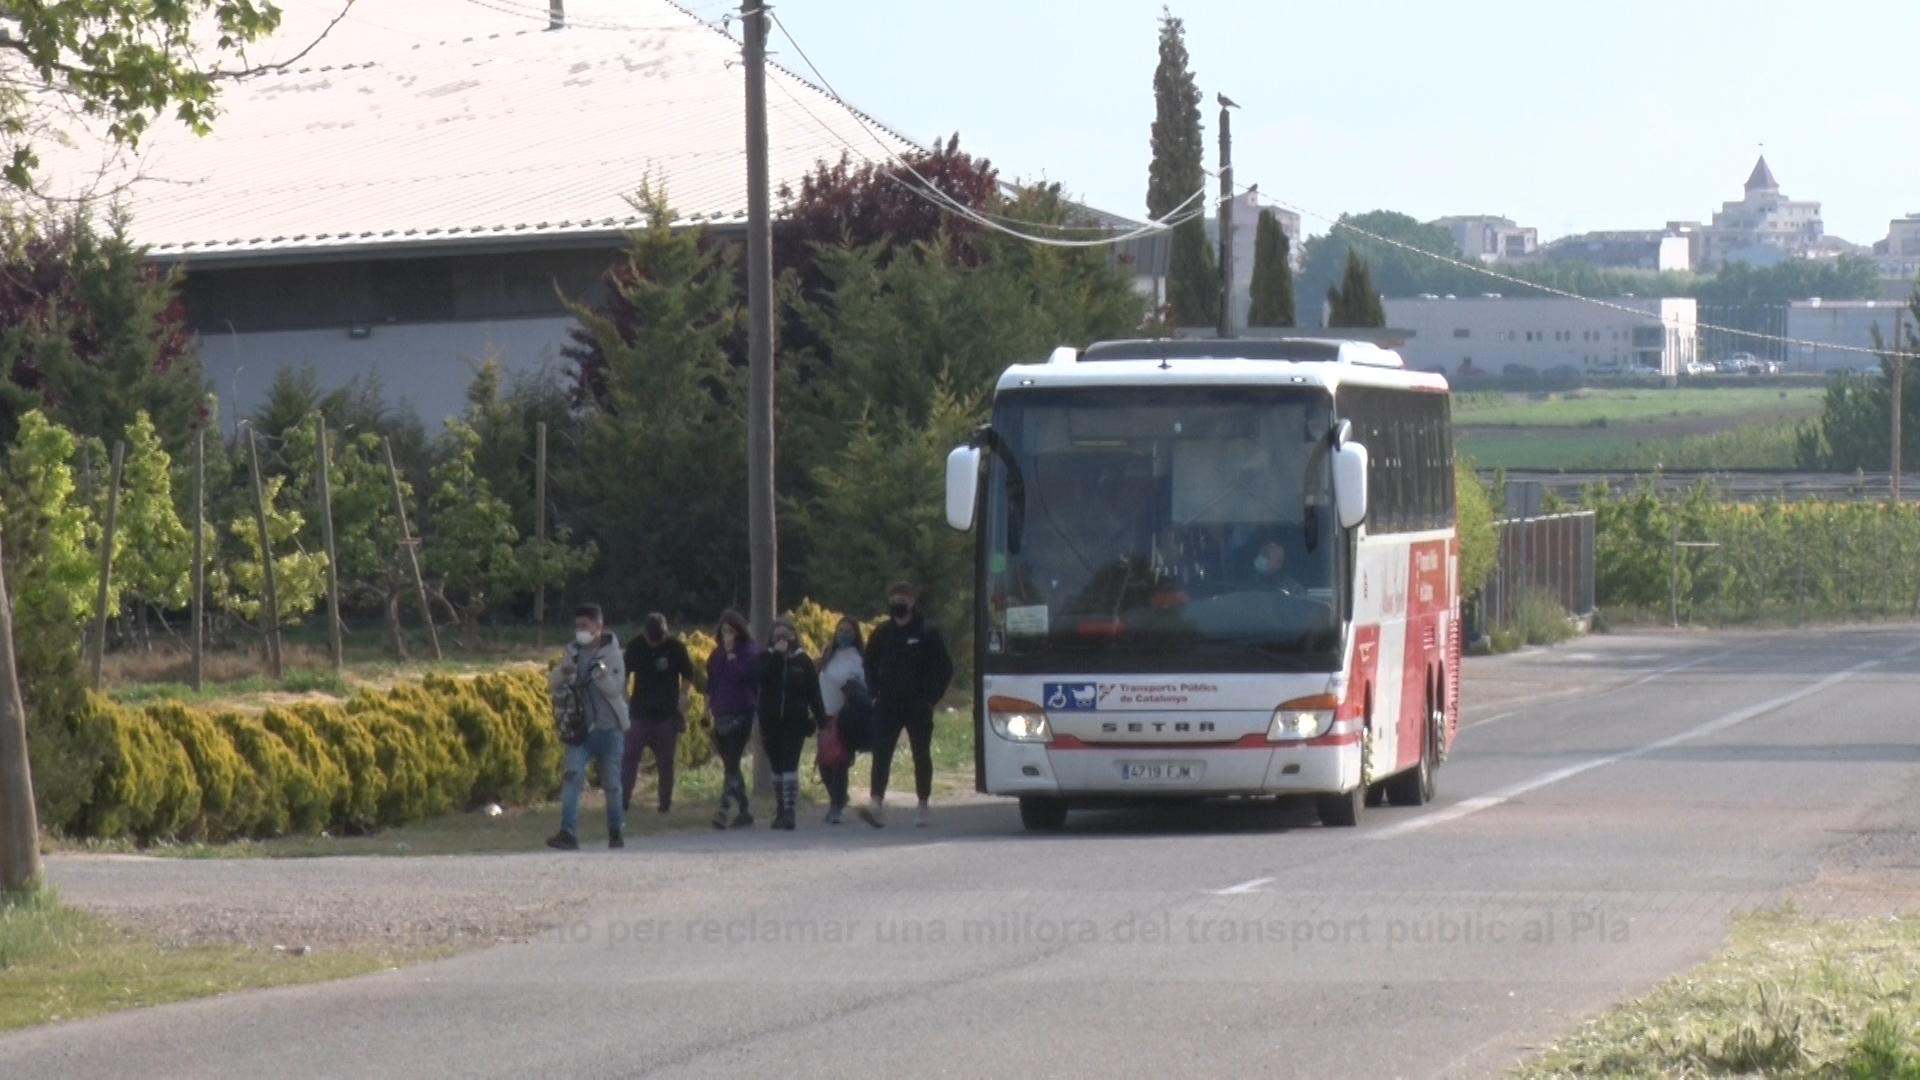 El ple de Mollerussa insta a la Generalitat a millorar l'oferta de transport escolar a la comarca